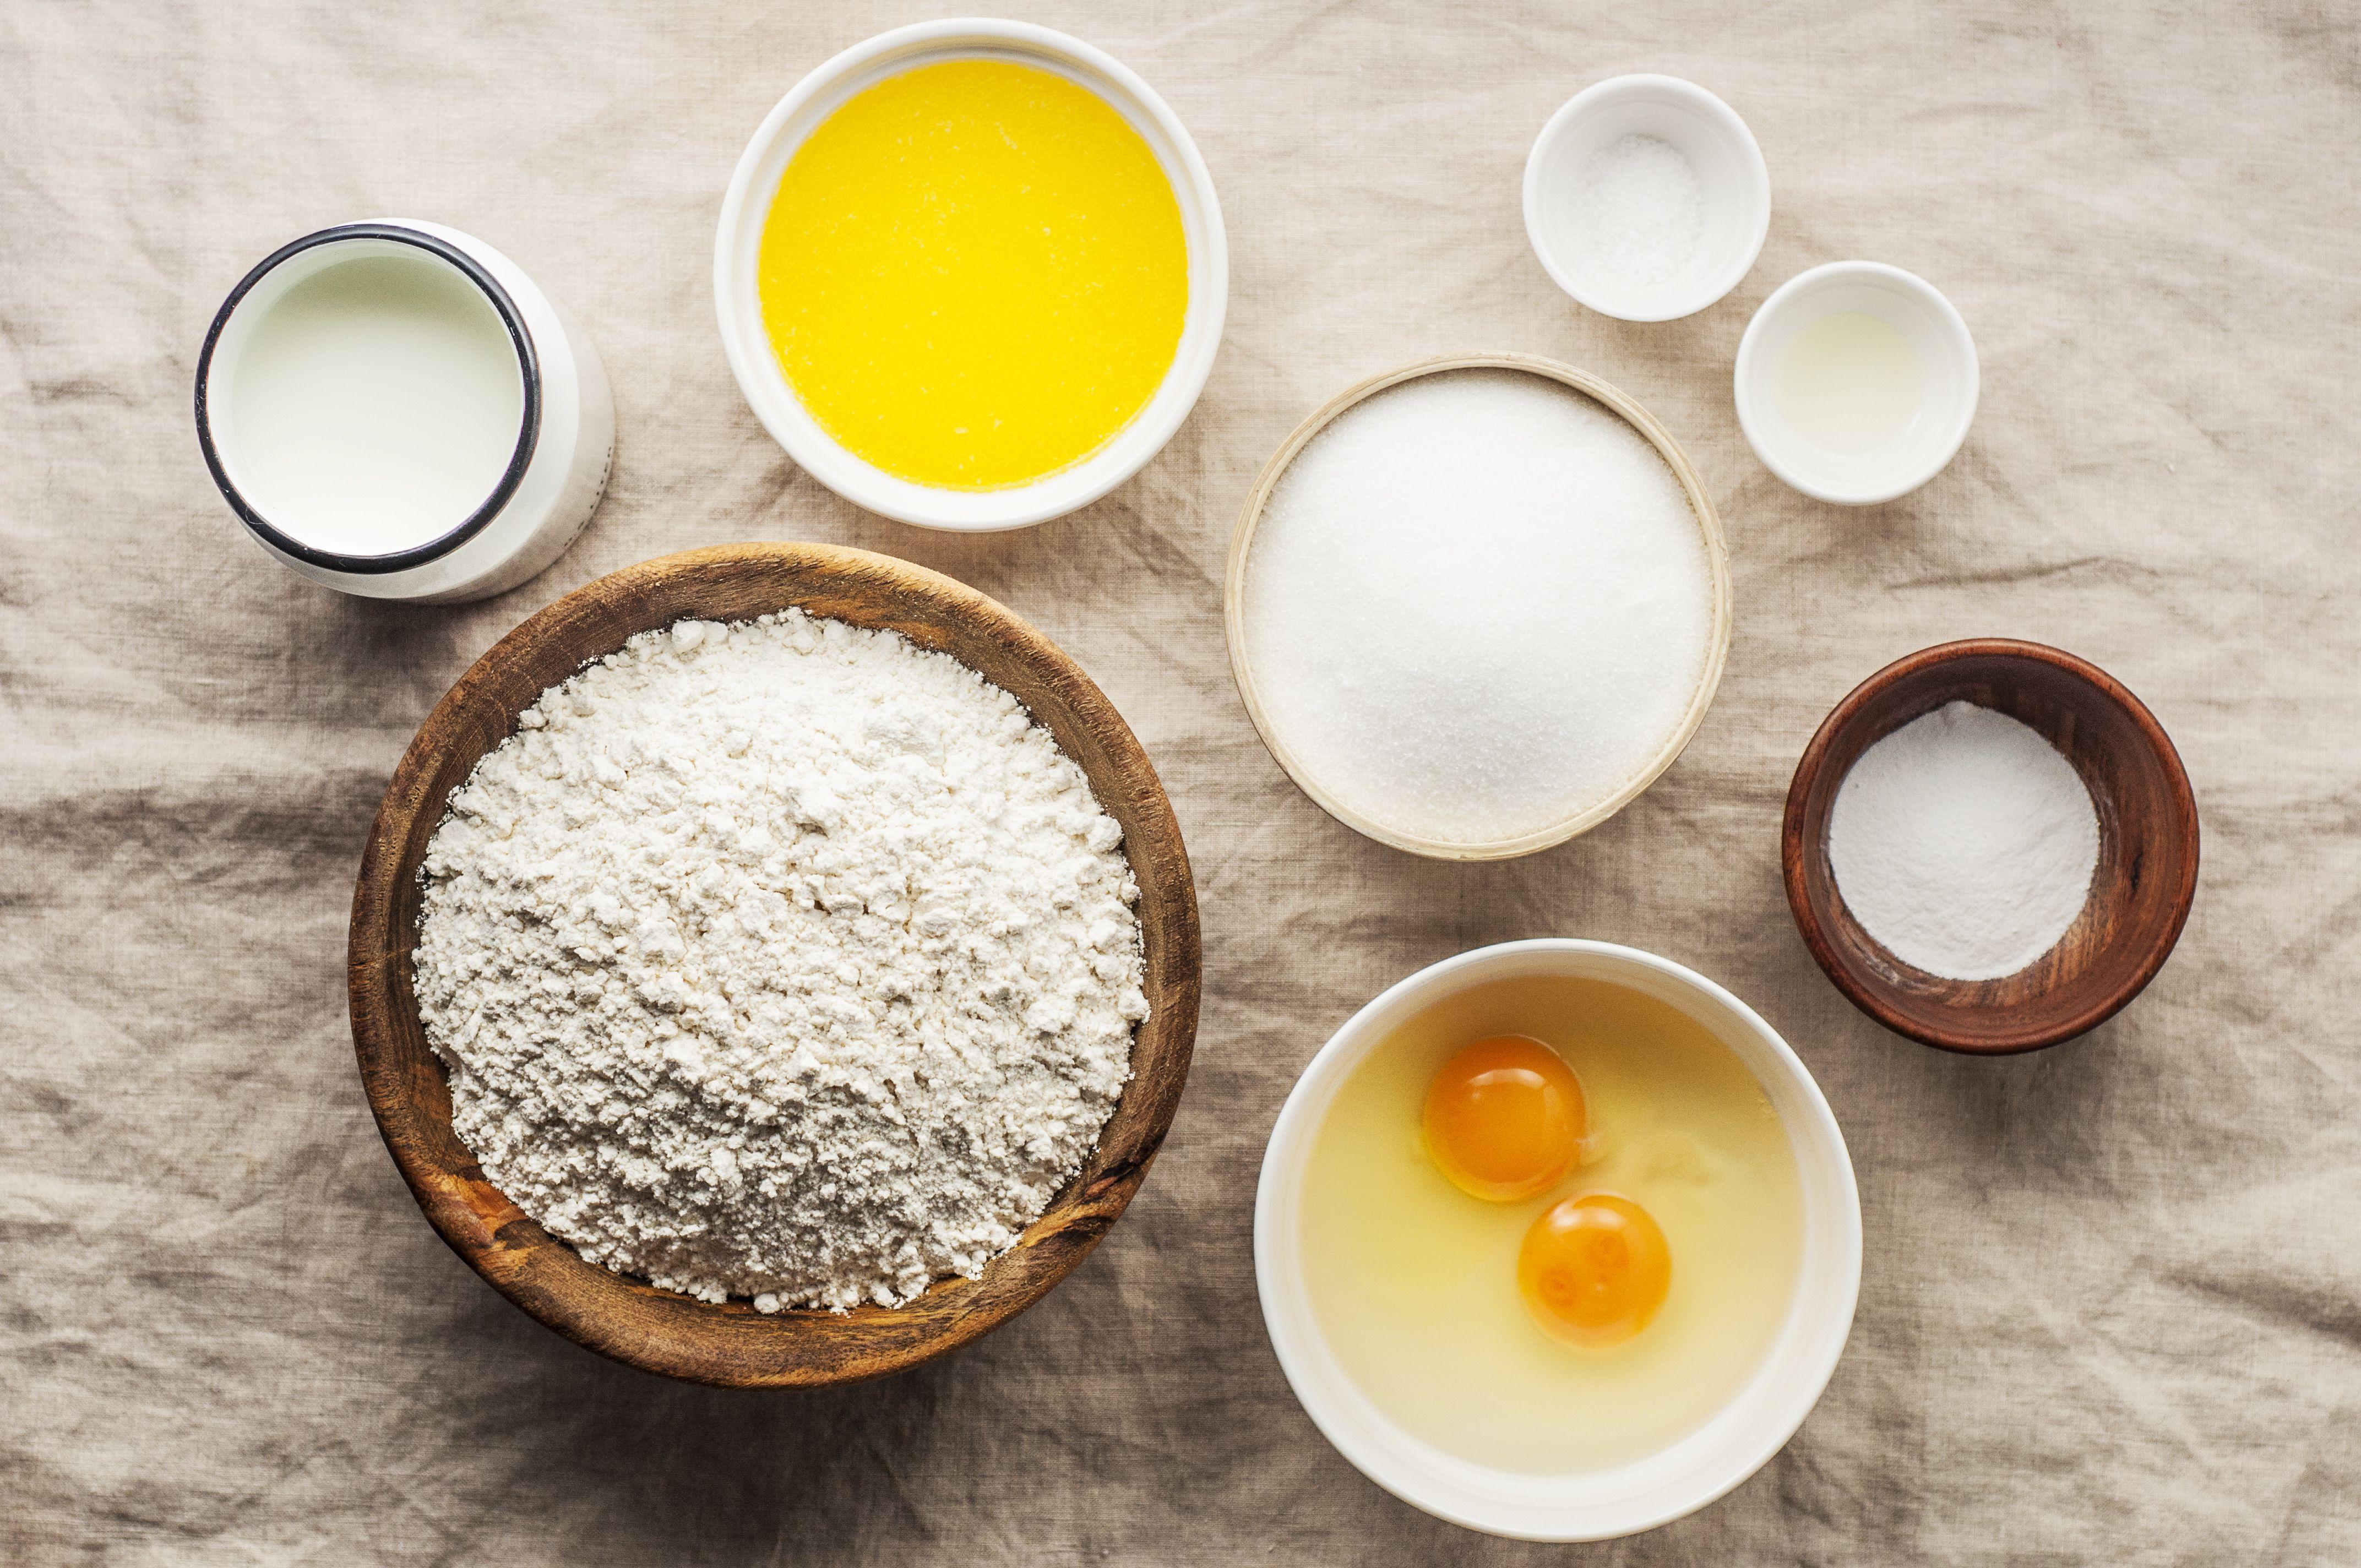 Ingredients for vanilla muffins